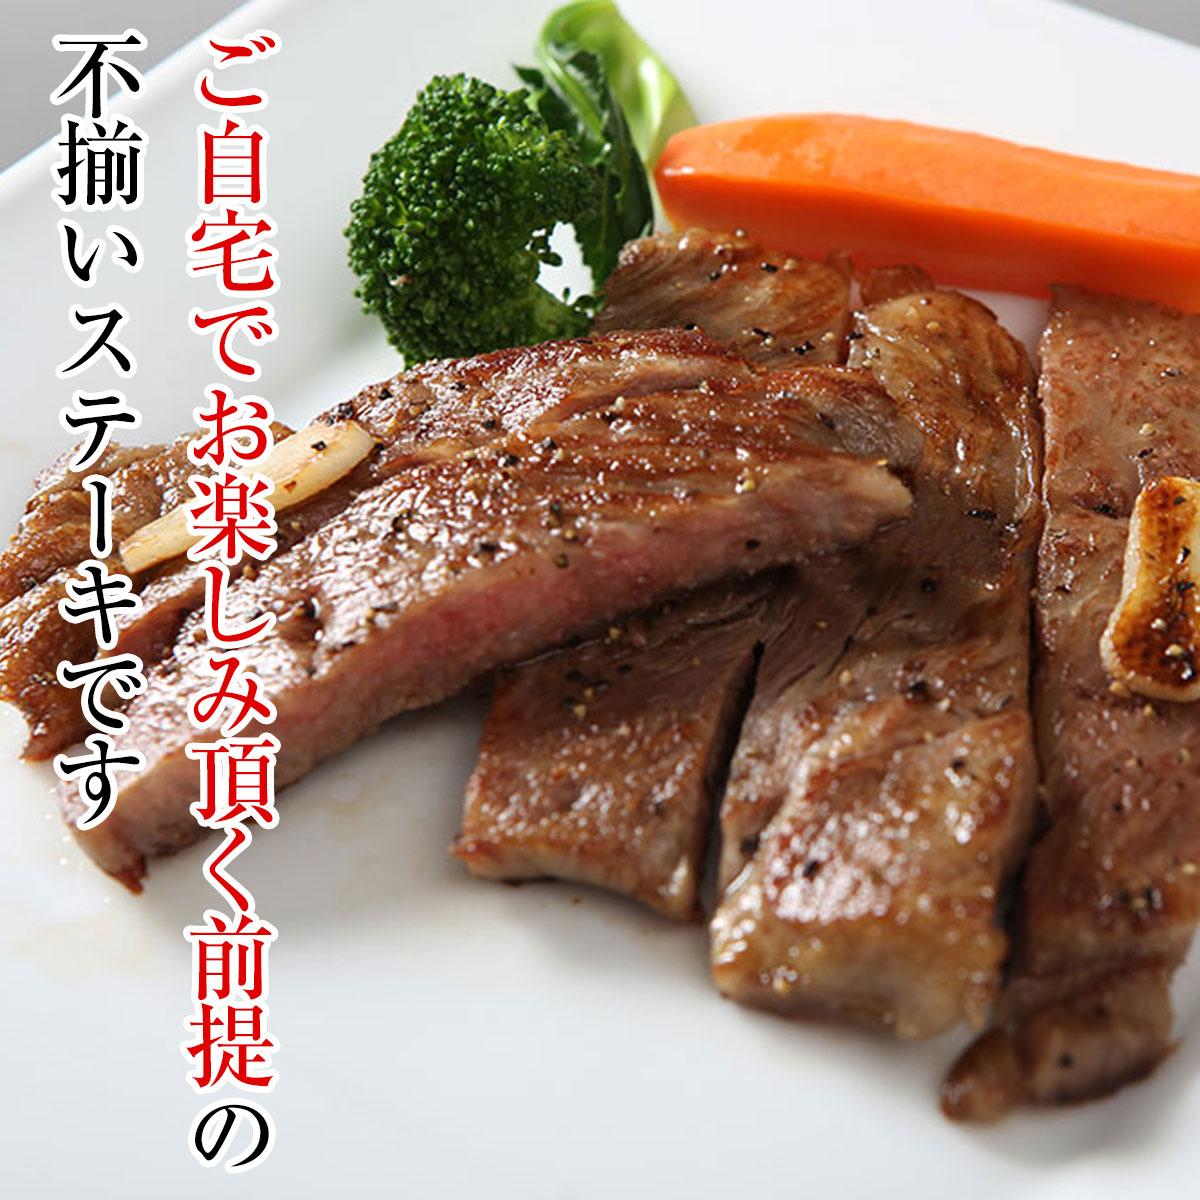 【簡易包装】不揃い 黒毛和牛モモステーキ 100g×2枚